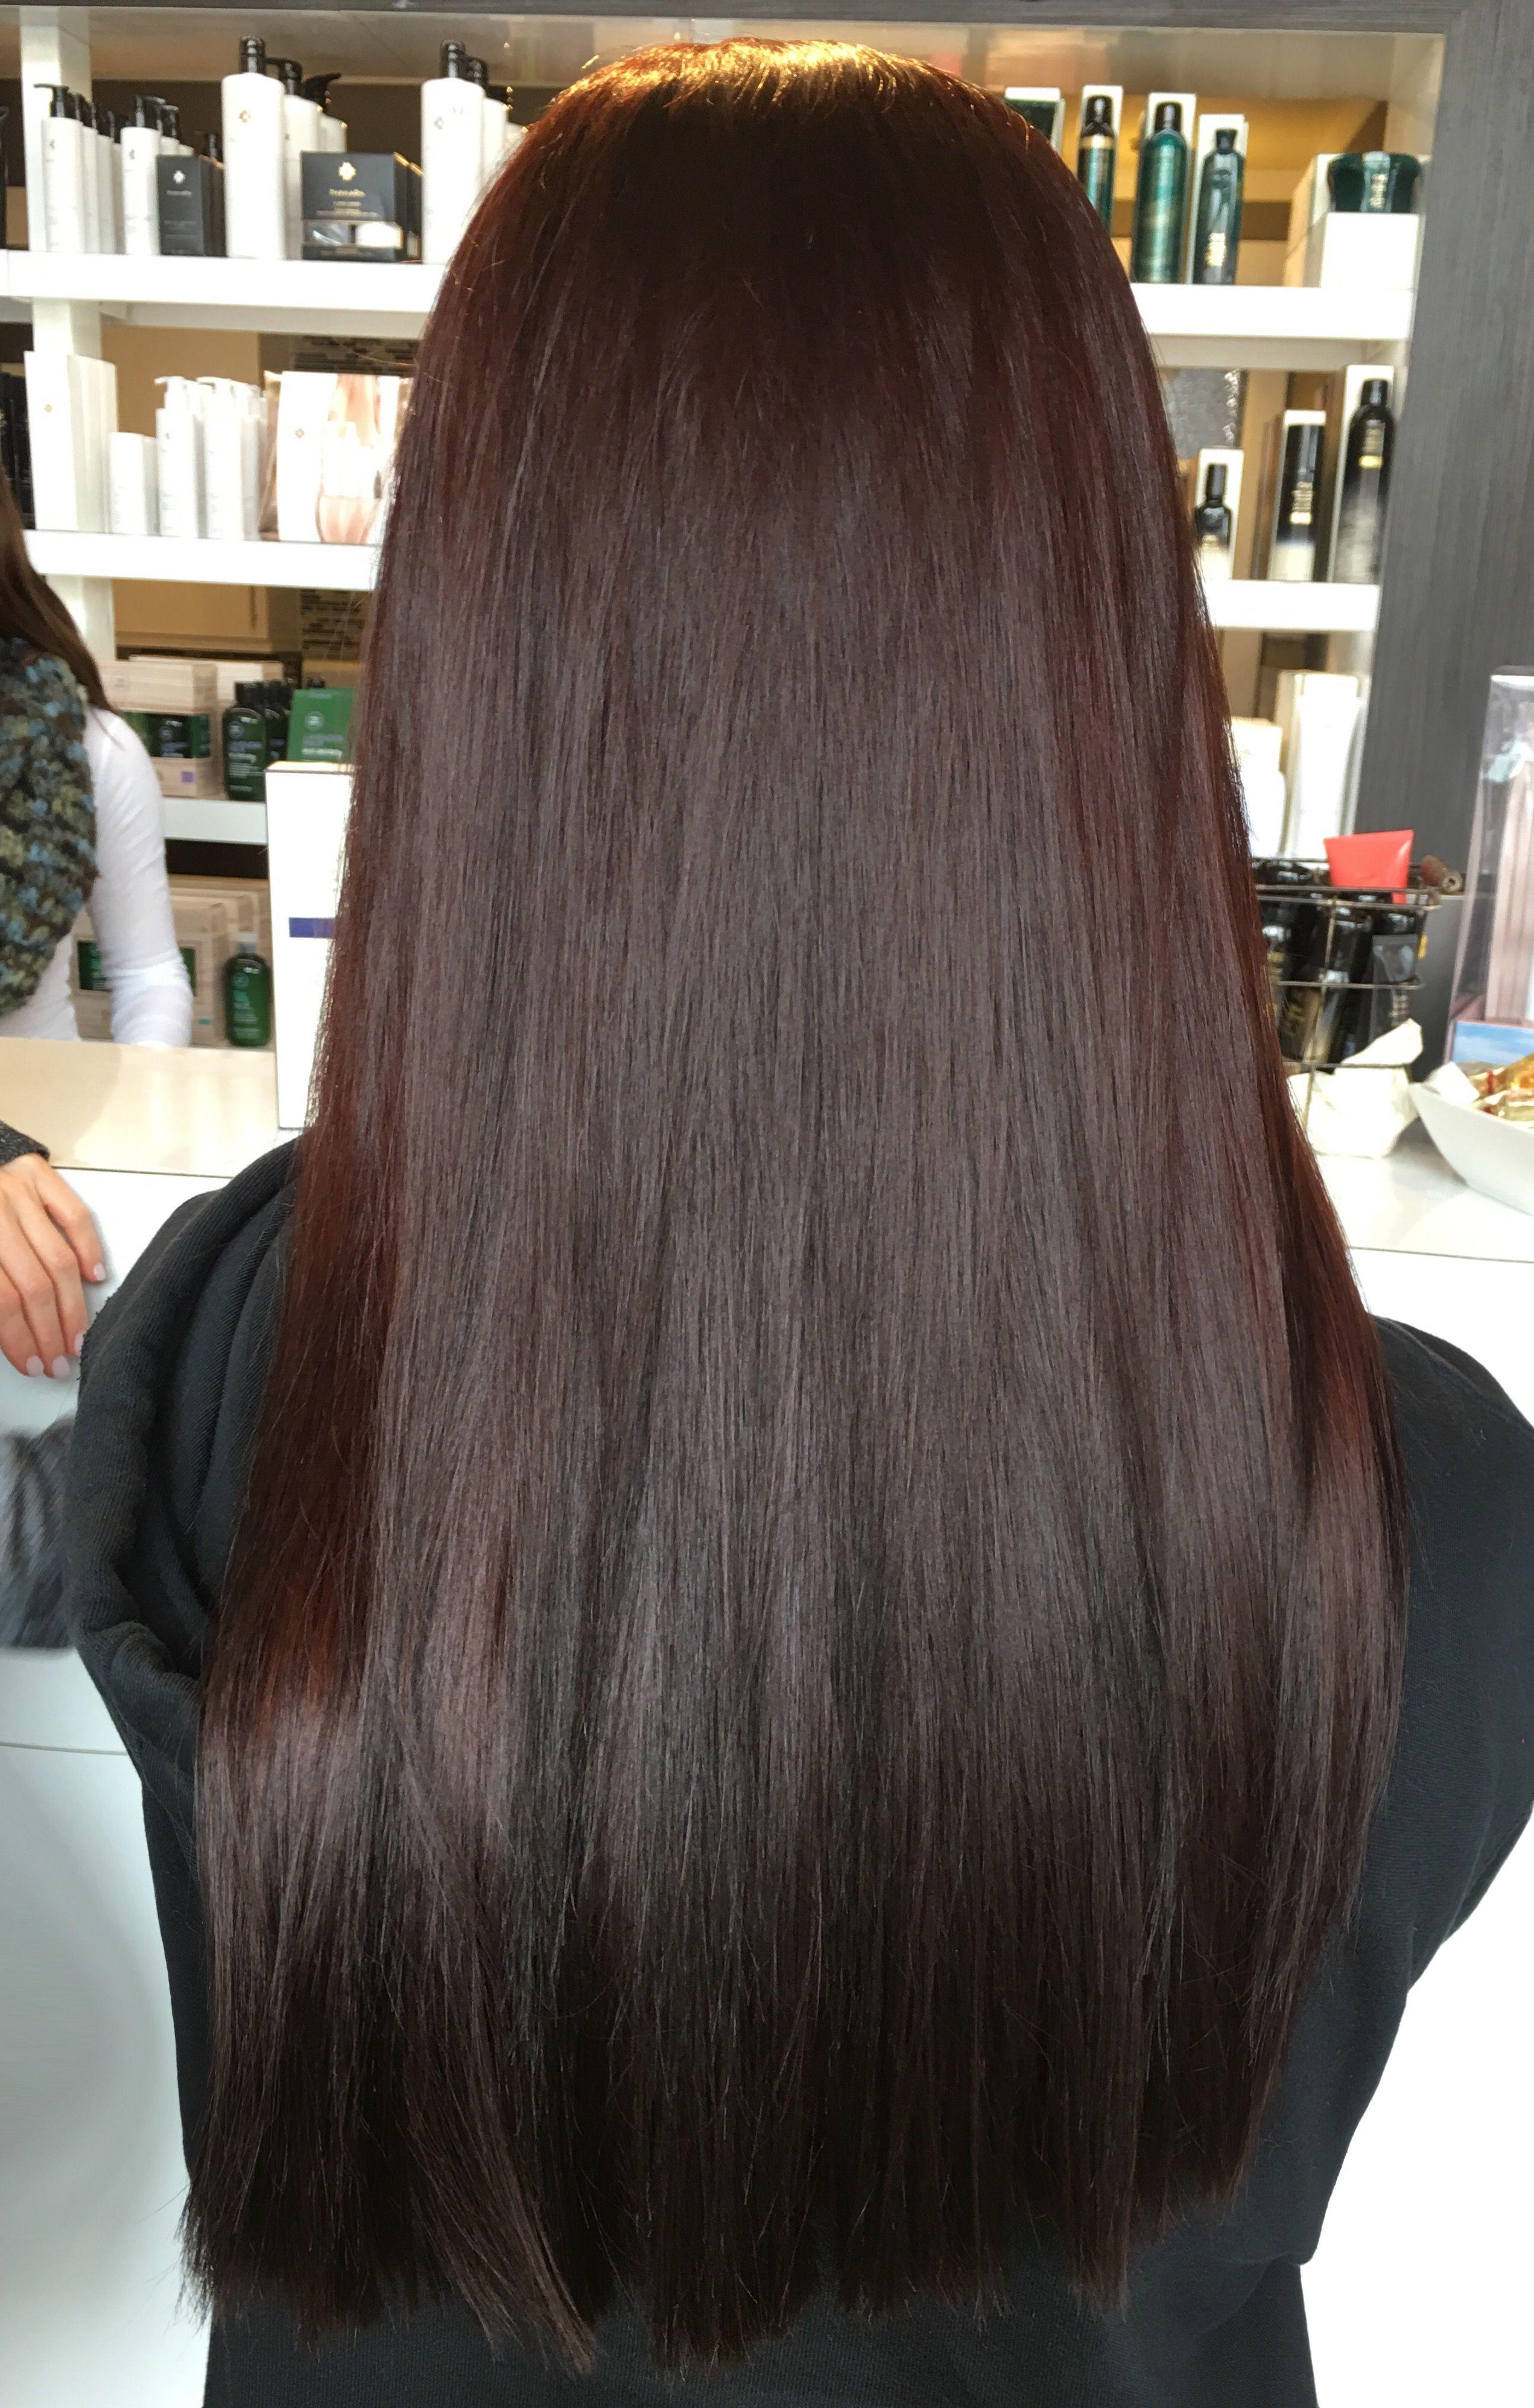 Deep Red Brown Hair Salon Studiobe Paul Mitchell Hairrrrrr